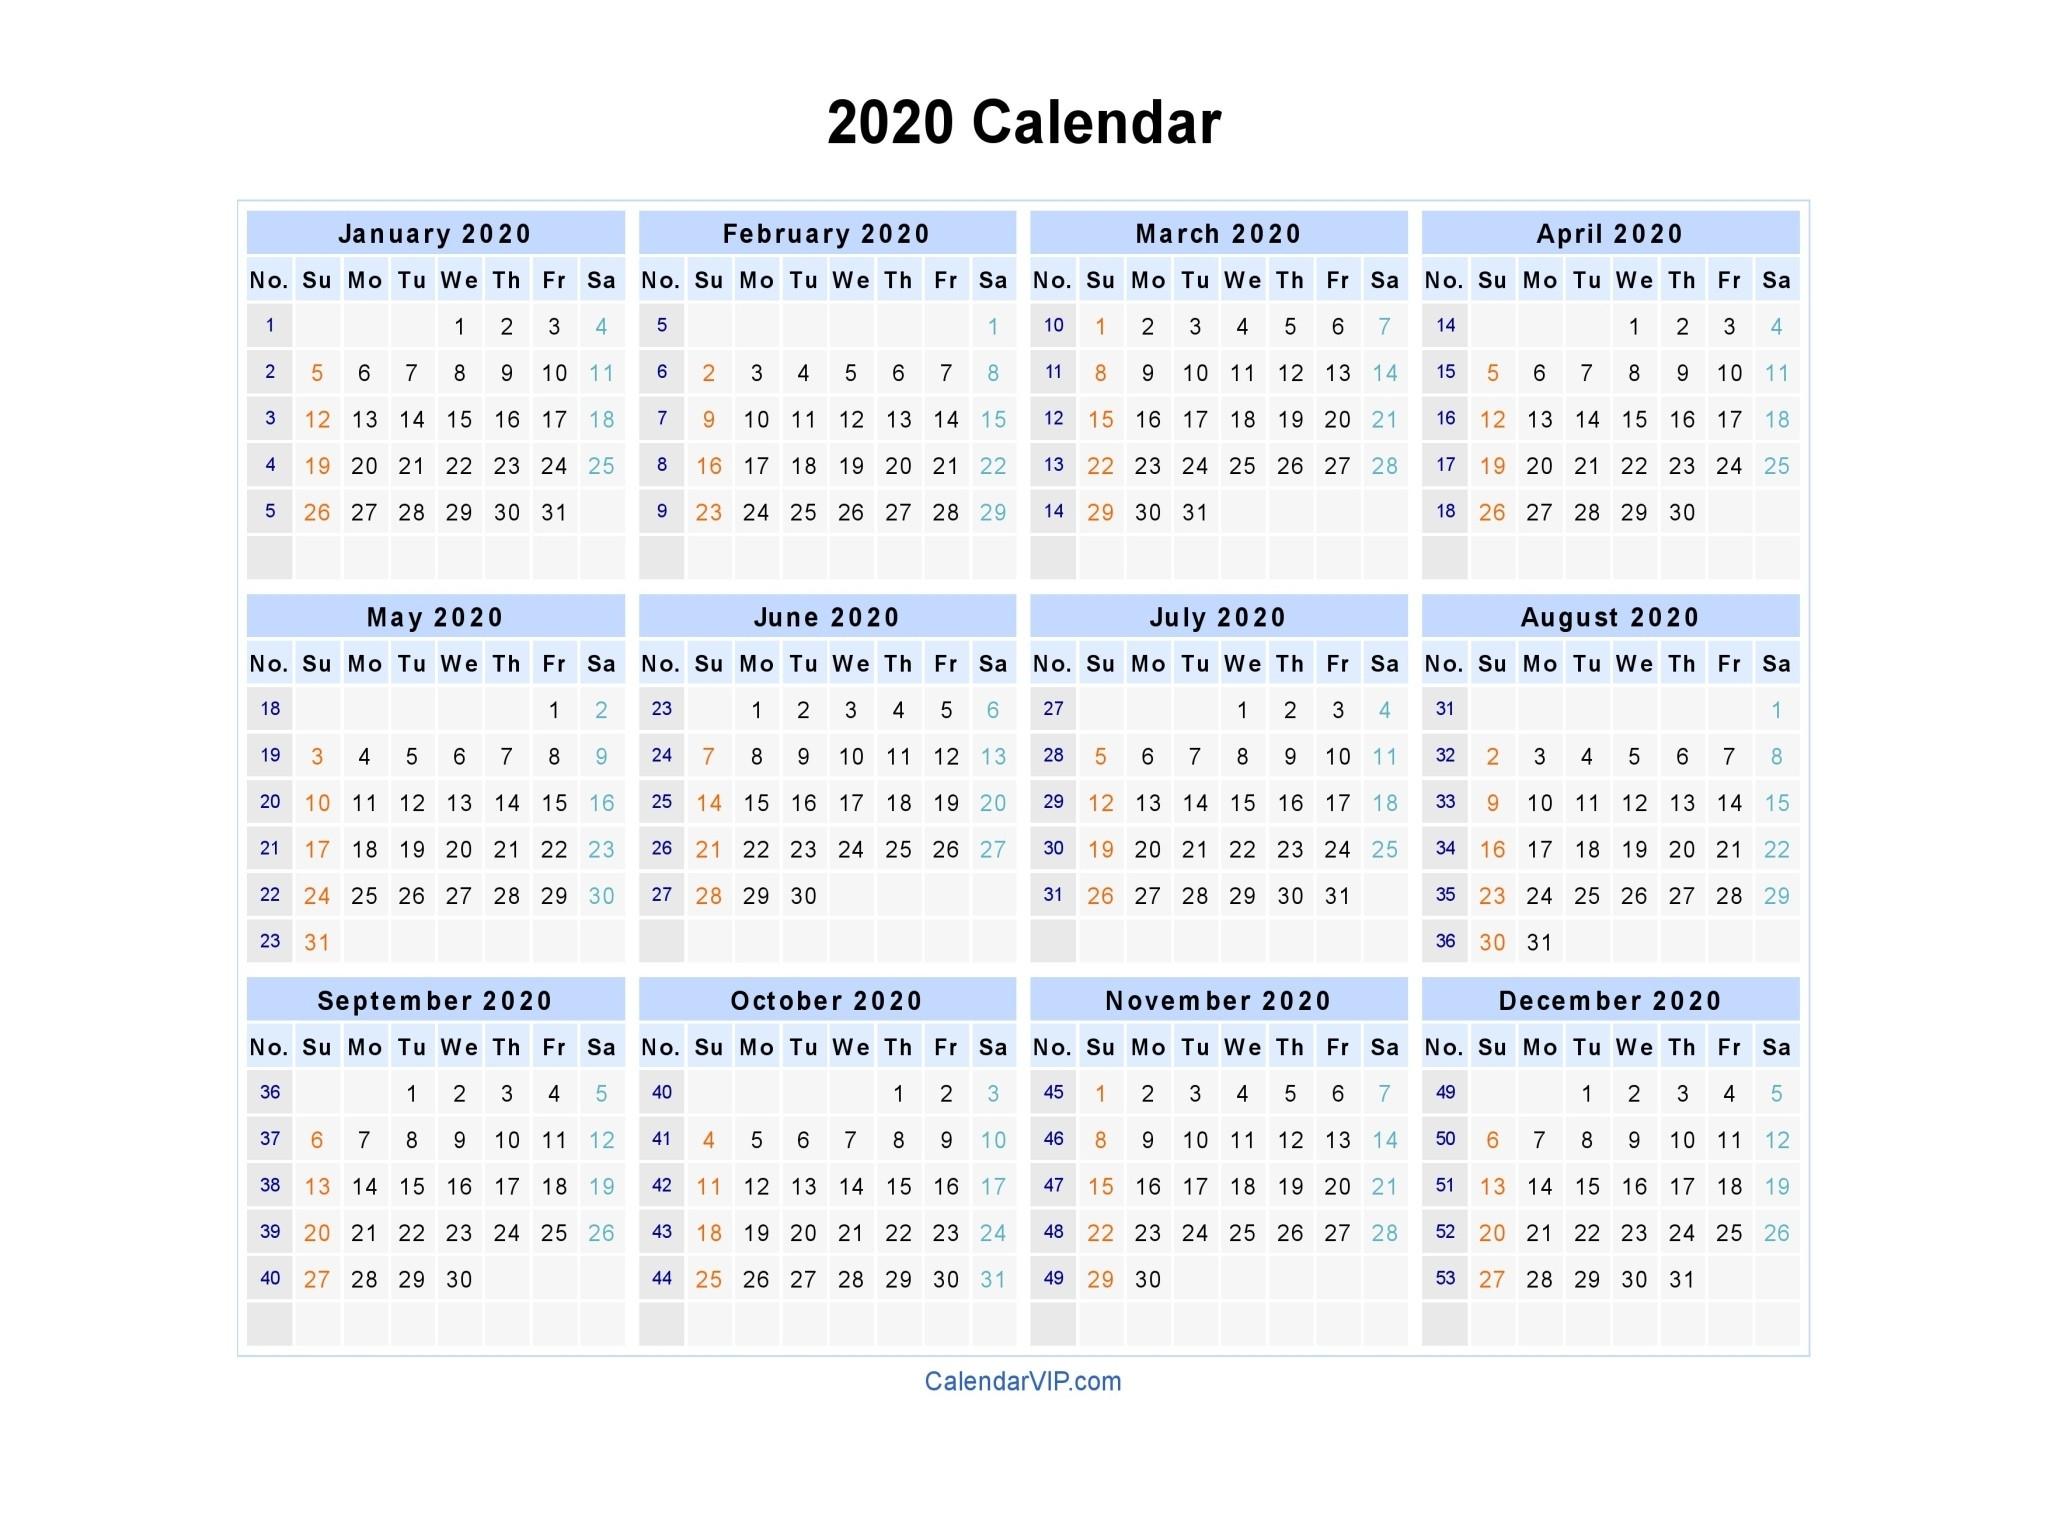 Calendar Templates 2020 Week Numbers | Example Calendar  Calendar By Week Number Pdf